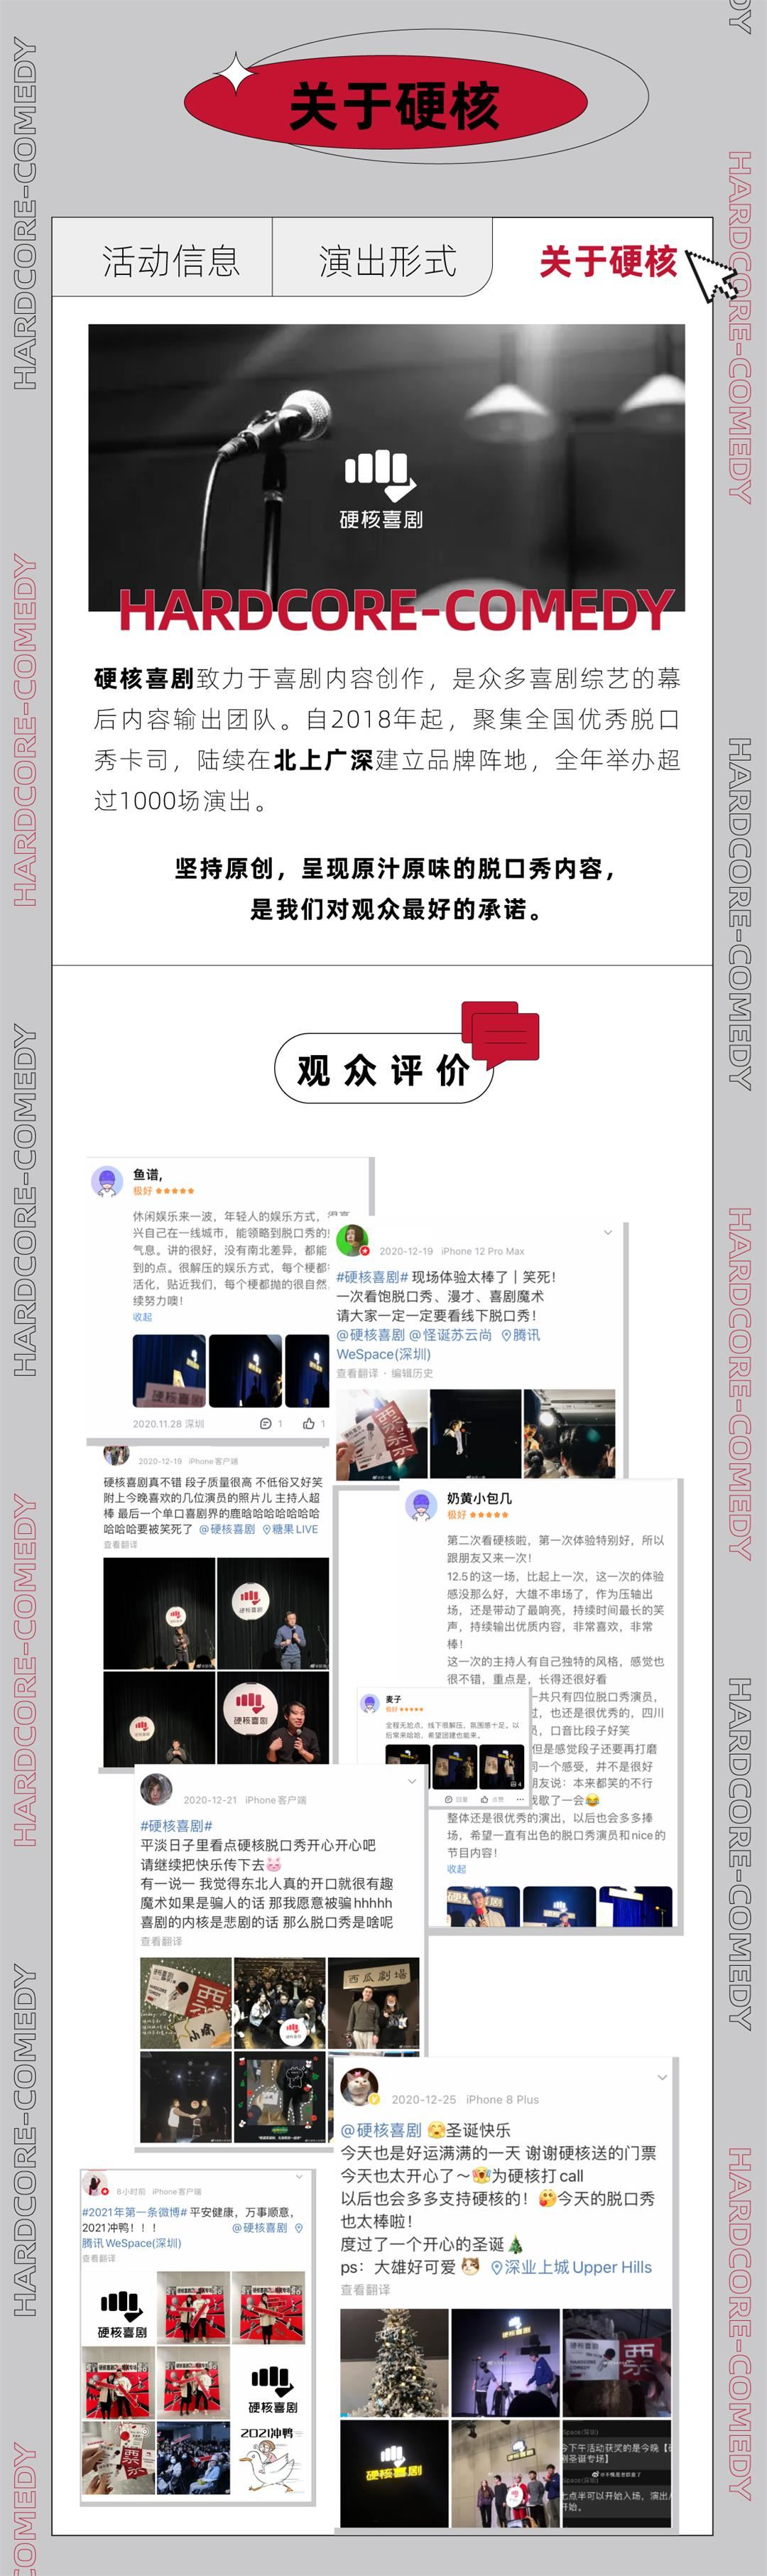 票务长图-上海(Dbrood)_03.jpg